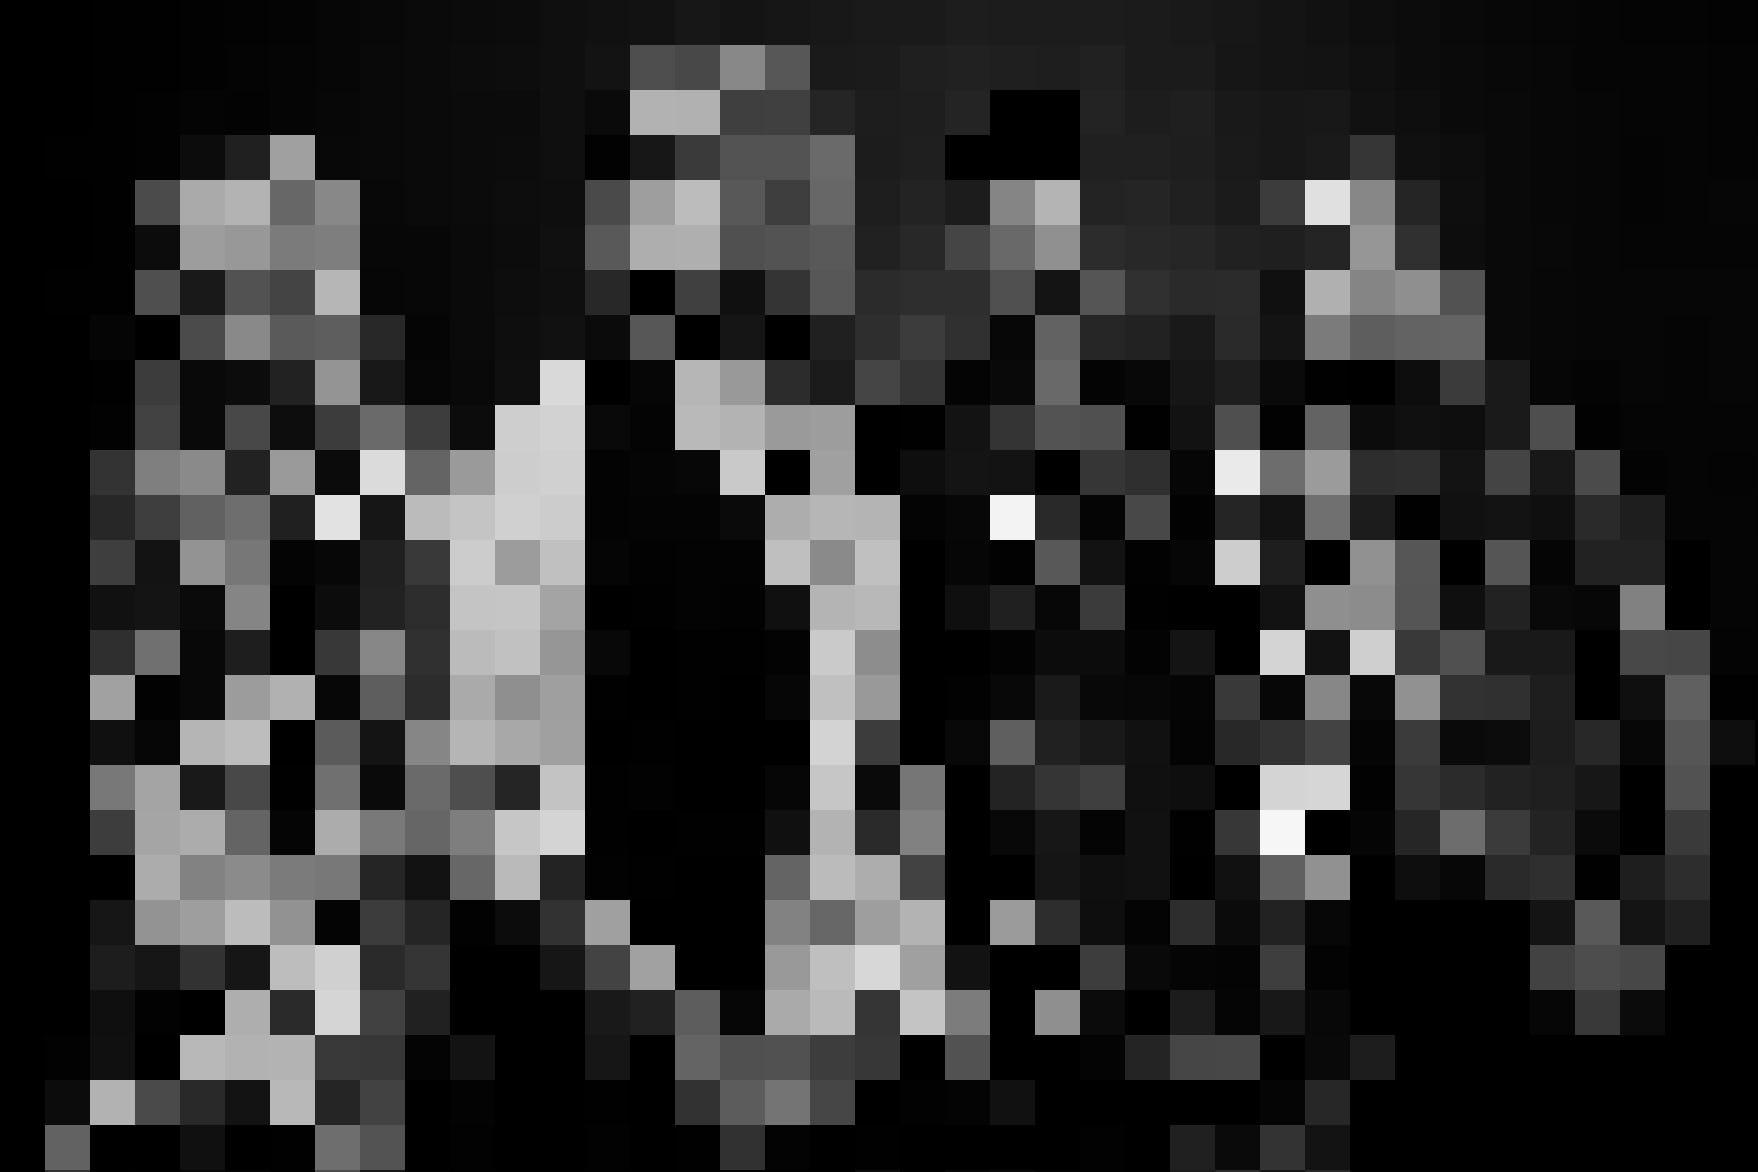 Zeigen mit ihrem Studioalbum #13, dass mit ihnen auch nach 25 Jahren zu rechnen ist: Gotthard.